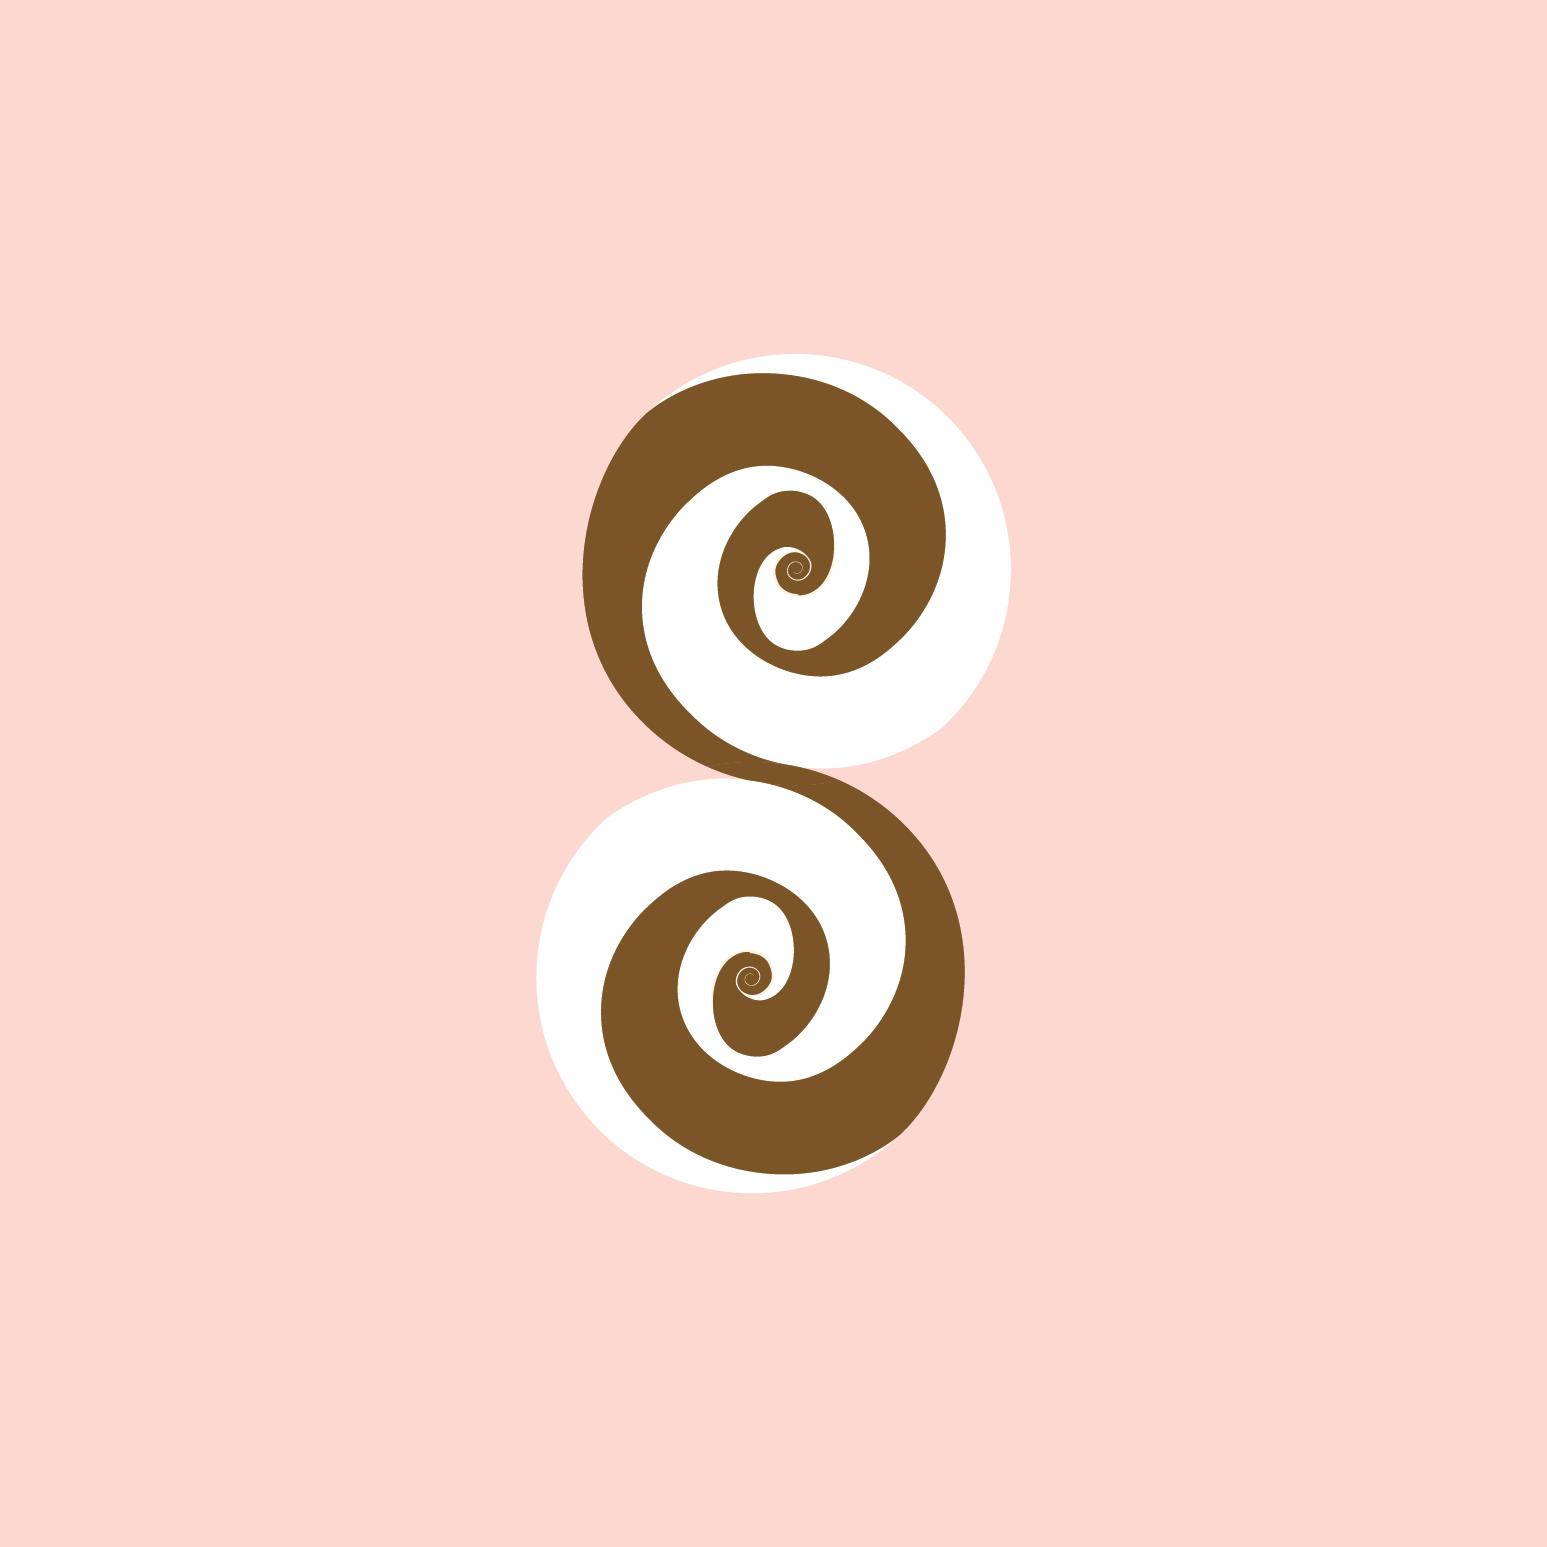 Swirl-04.jpg